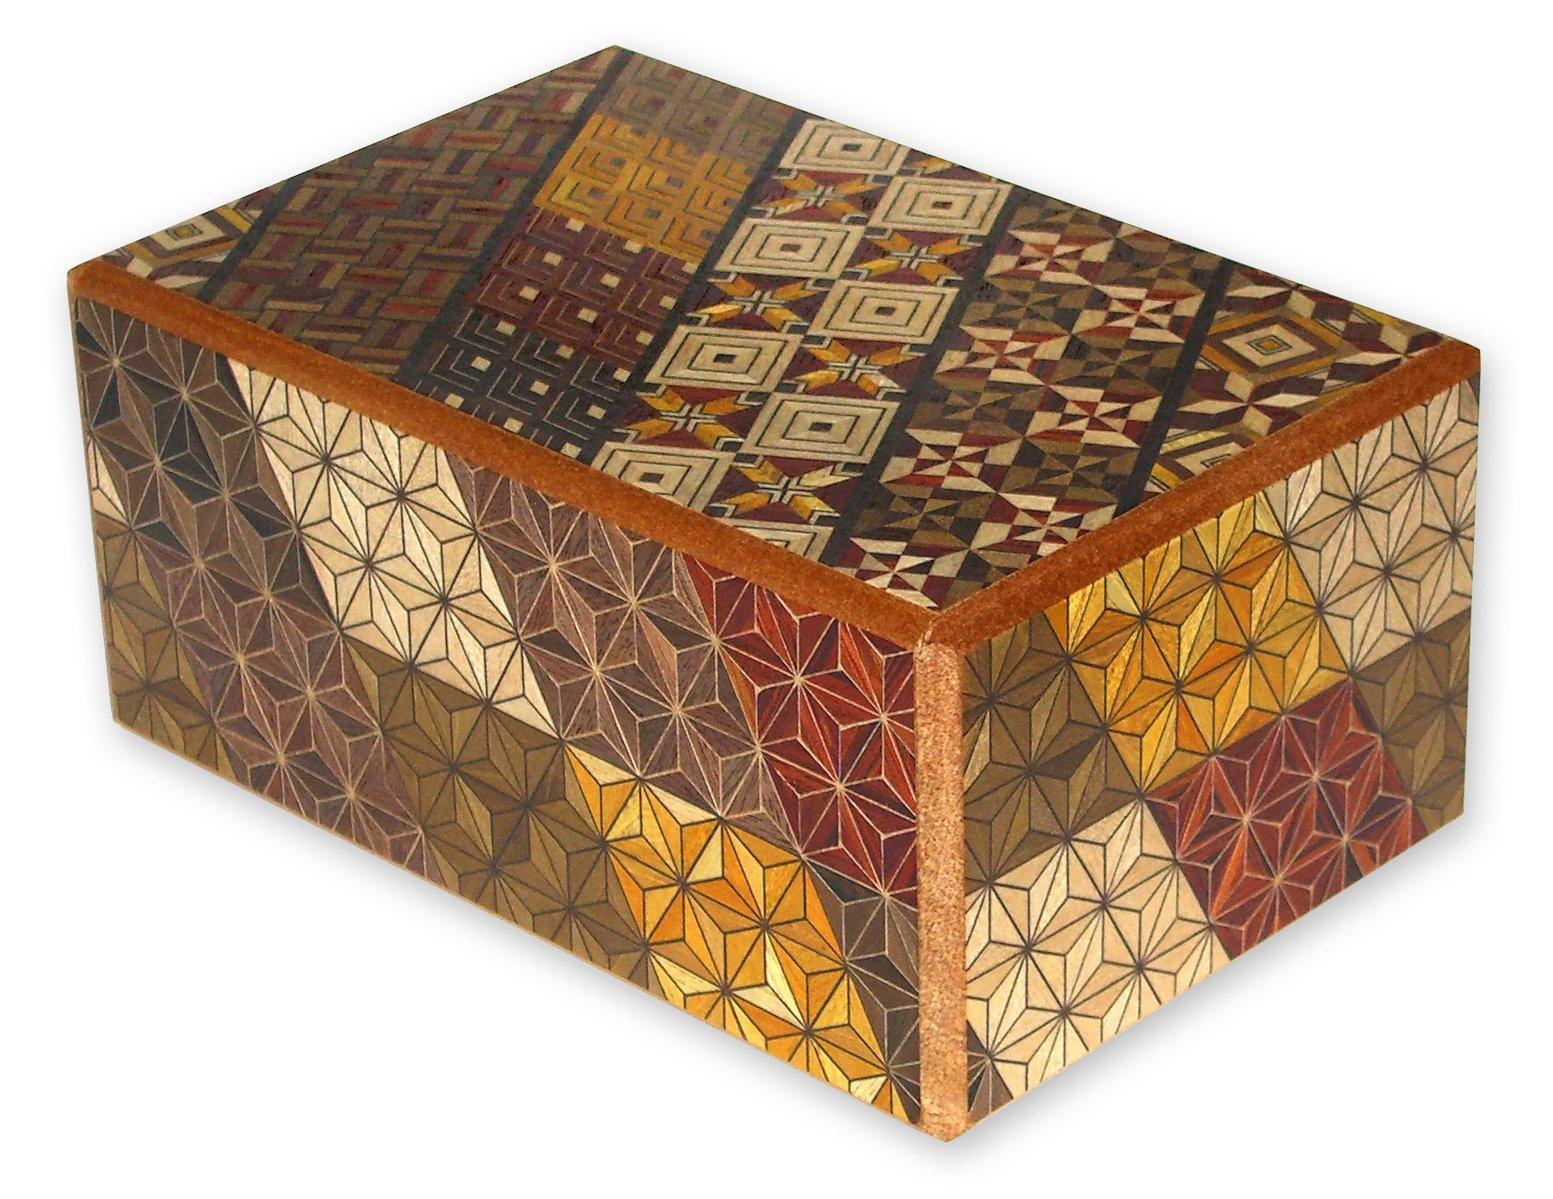 Free japanese puzzle box new koyosegi stock photo for Japan craft